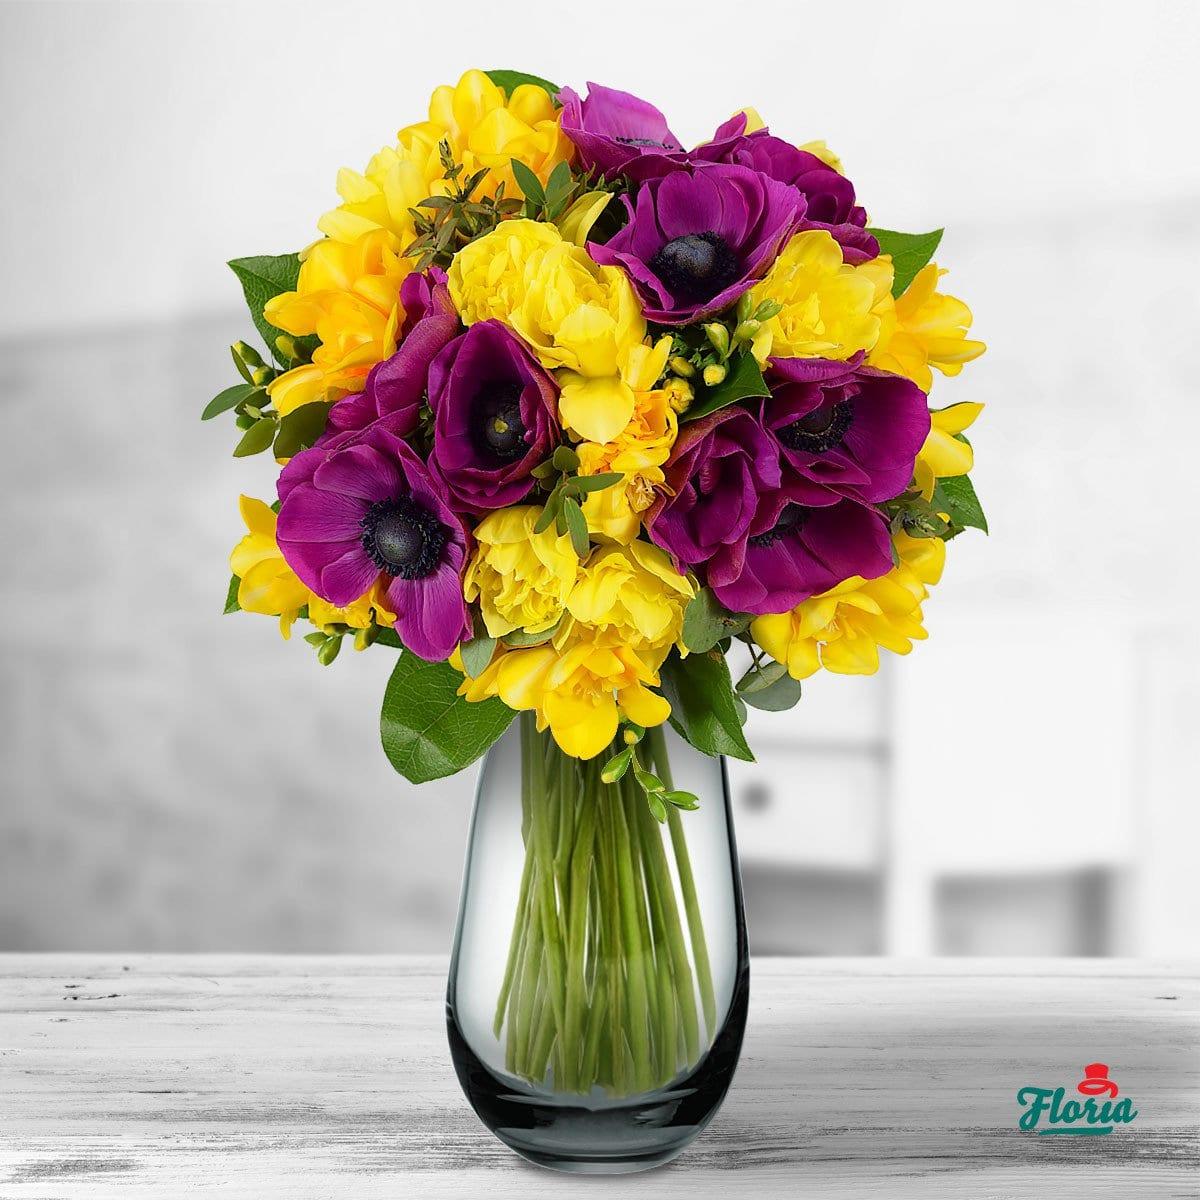 Misterul florilor de primavara: Anemonele